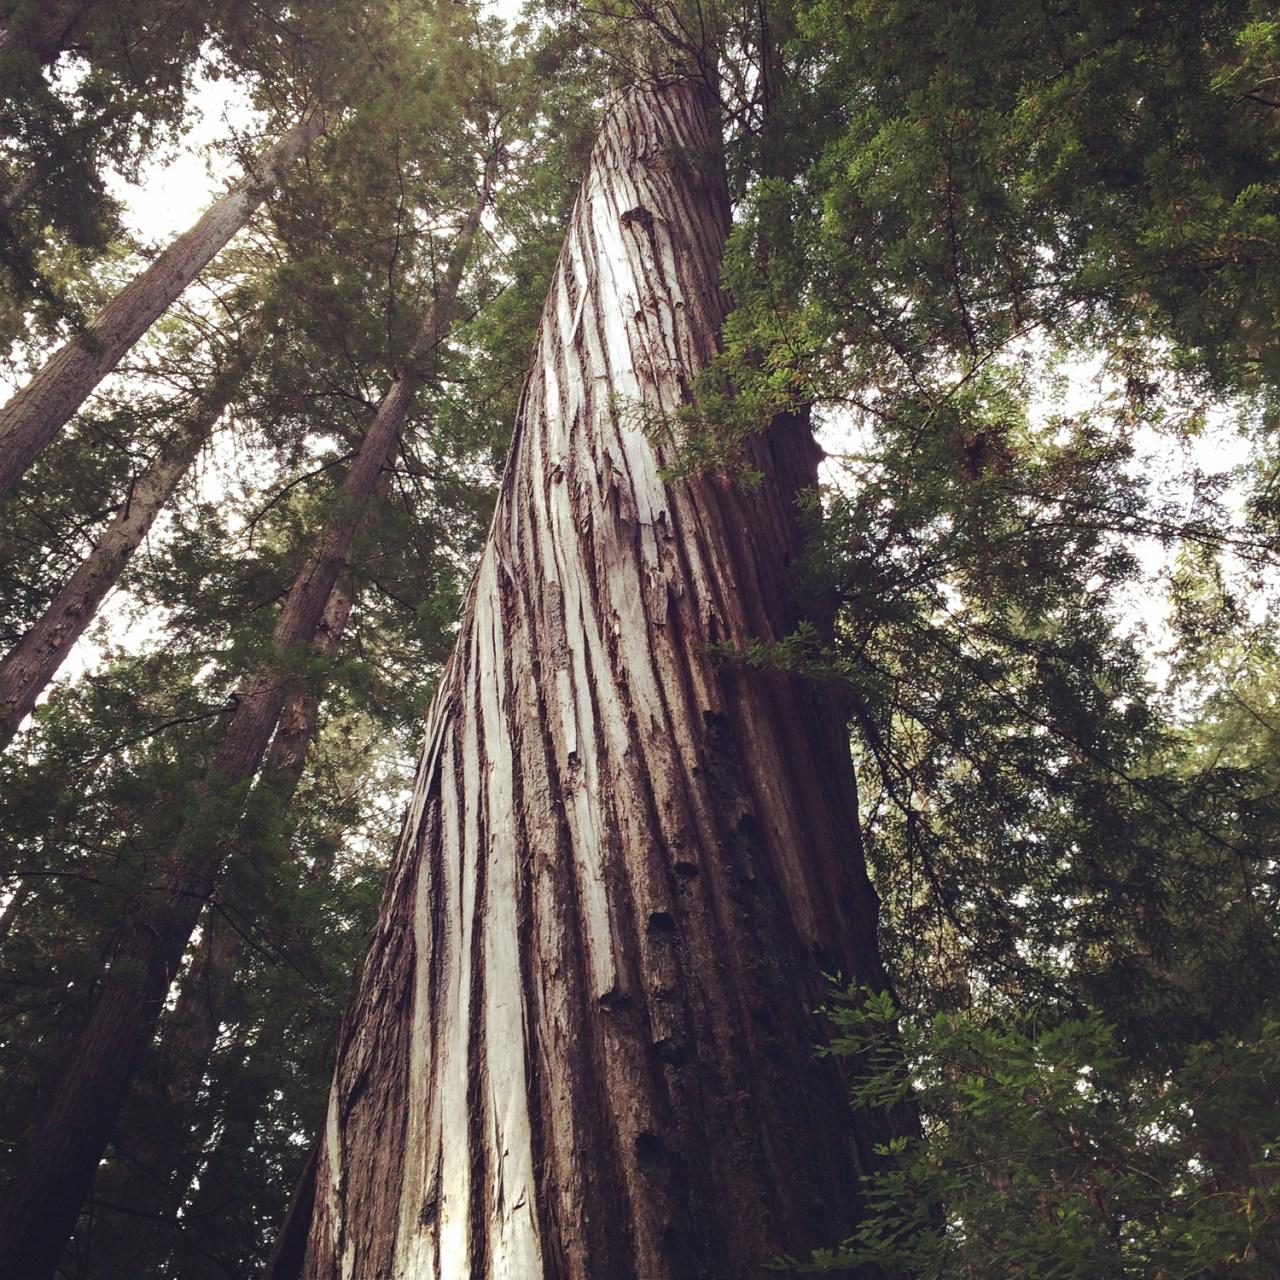 Twisted tree, still on Bull Creek Road